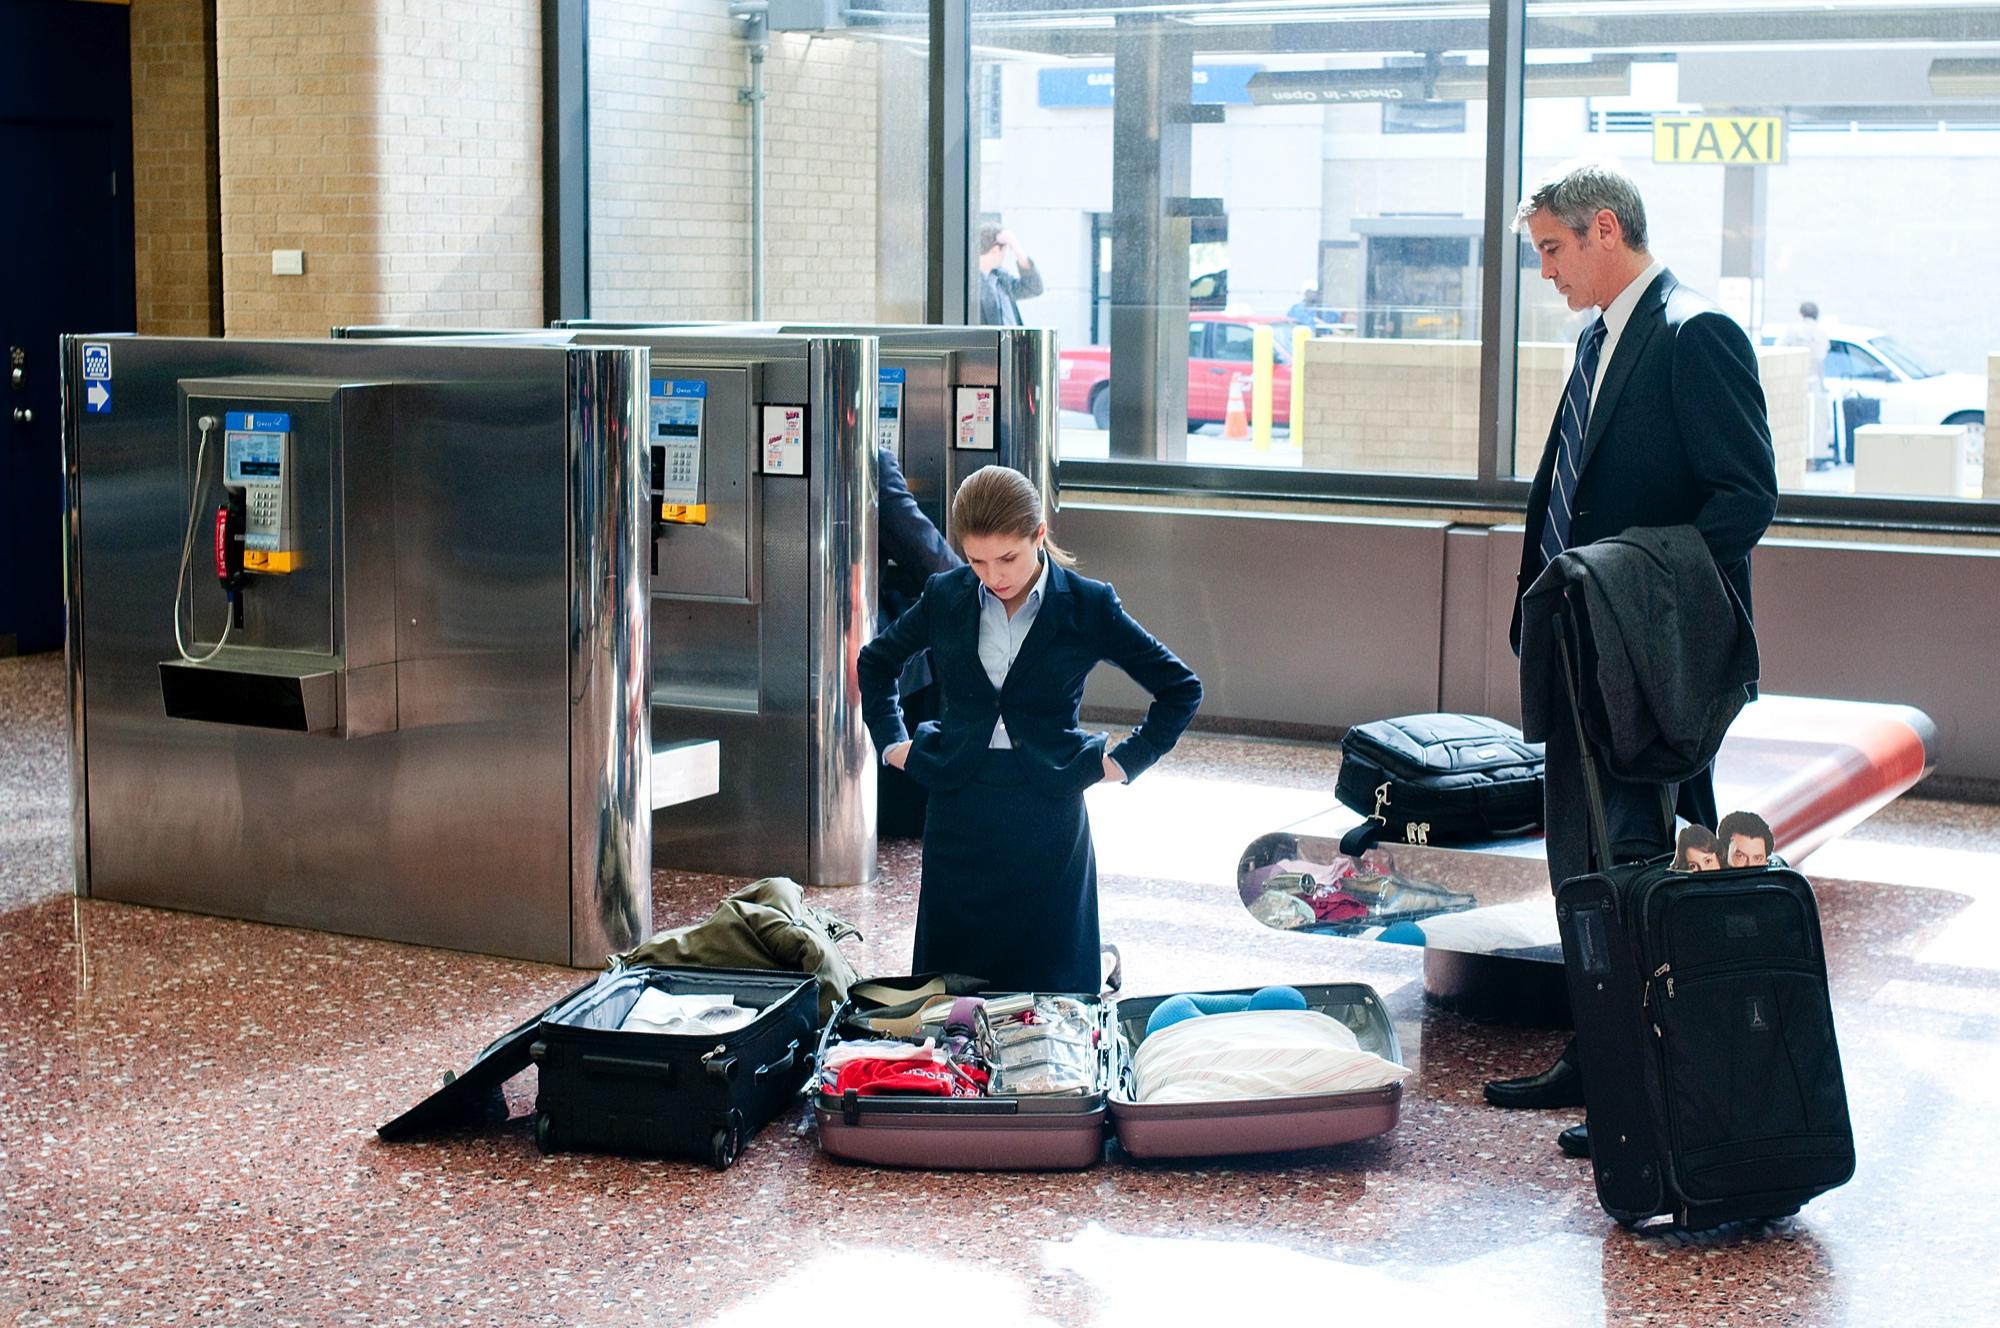 Use of Luggage